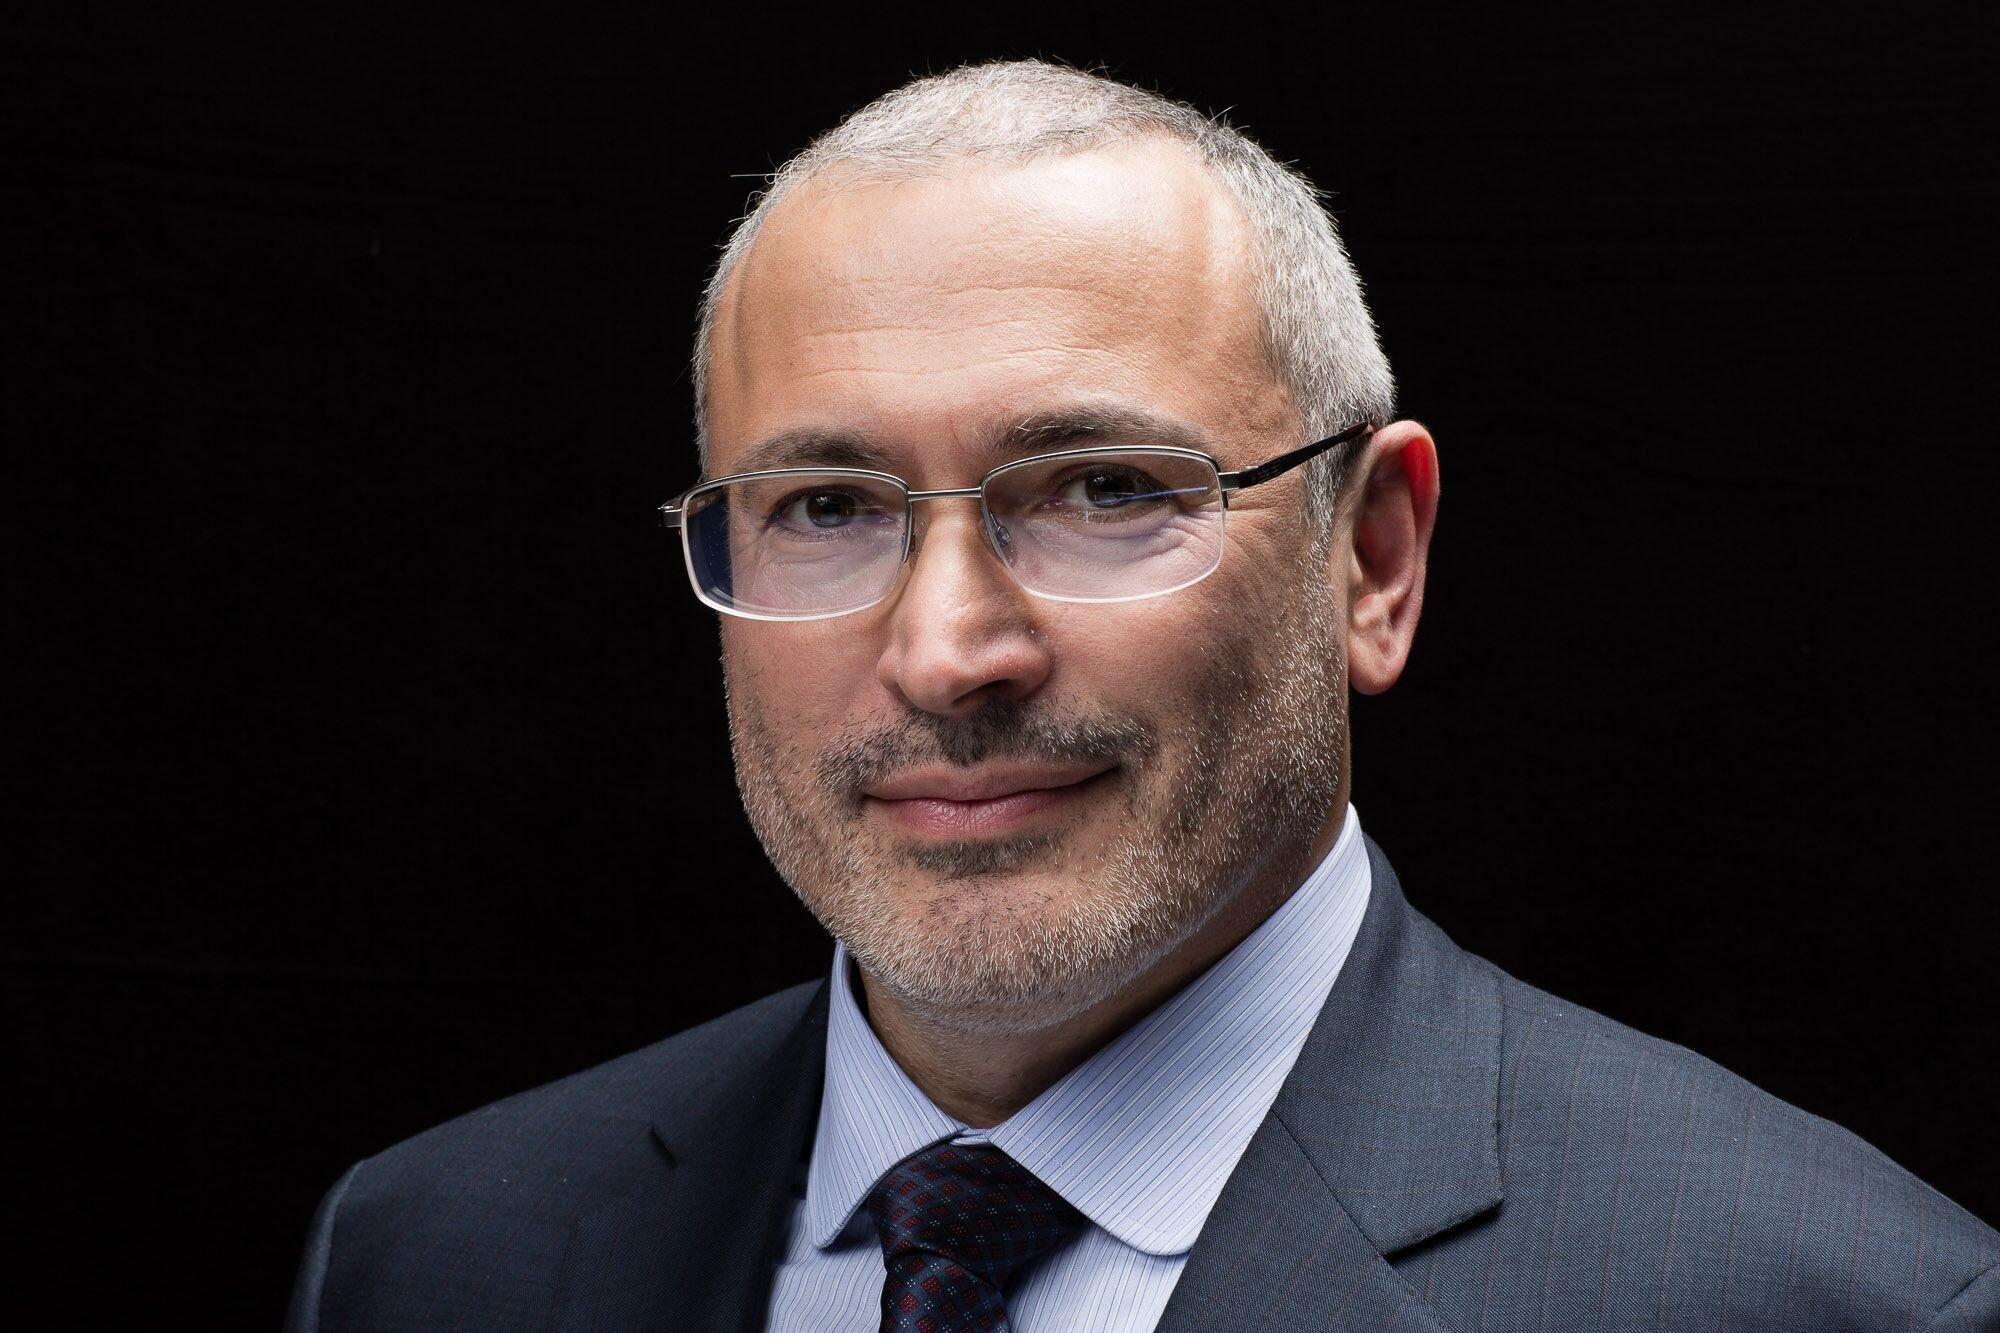 Ходорковский и либералы прикрывают именем Немцова антироссийские дела